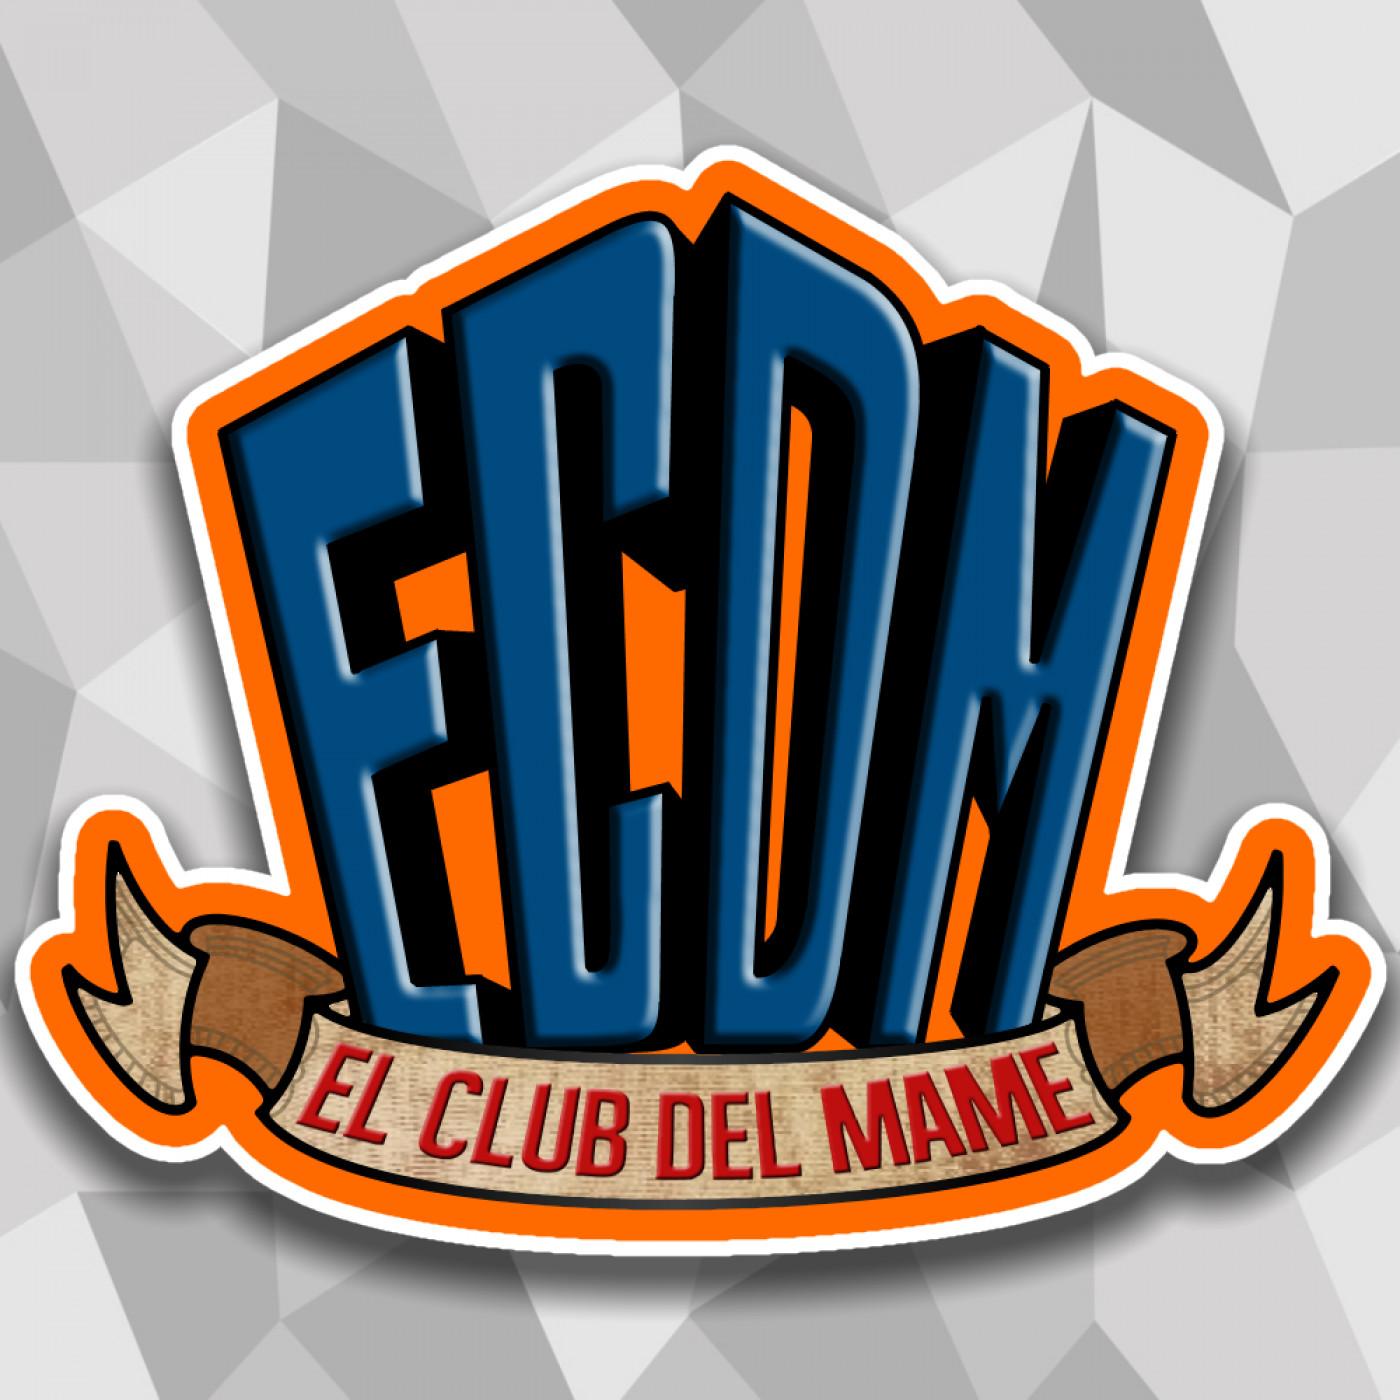 <![CDATA[El Club del Mame]]>